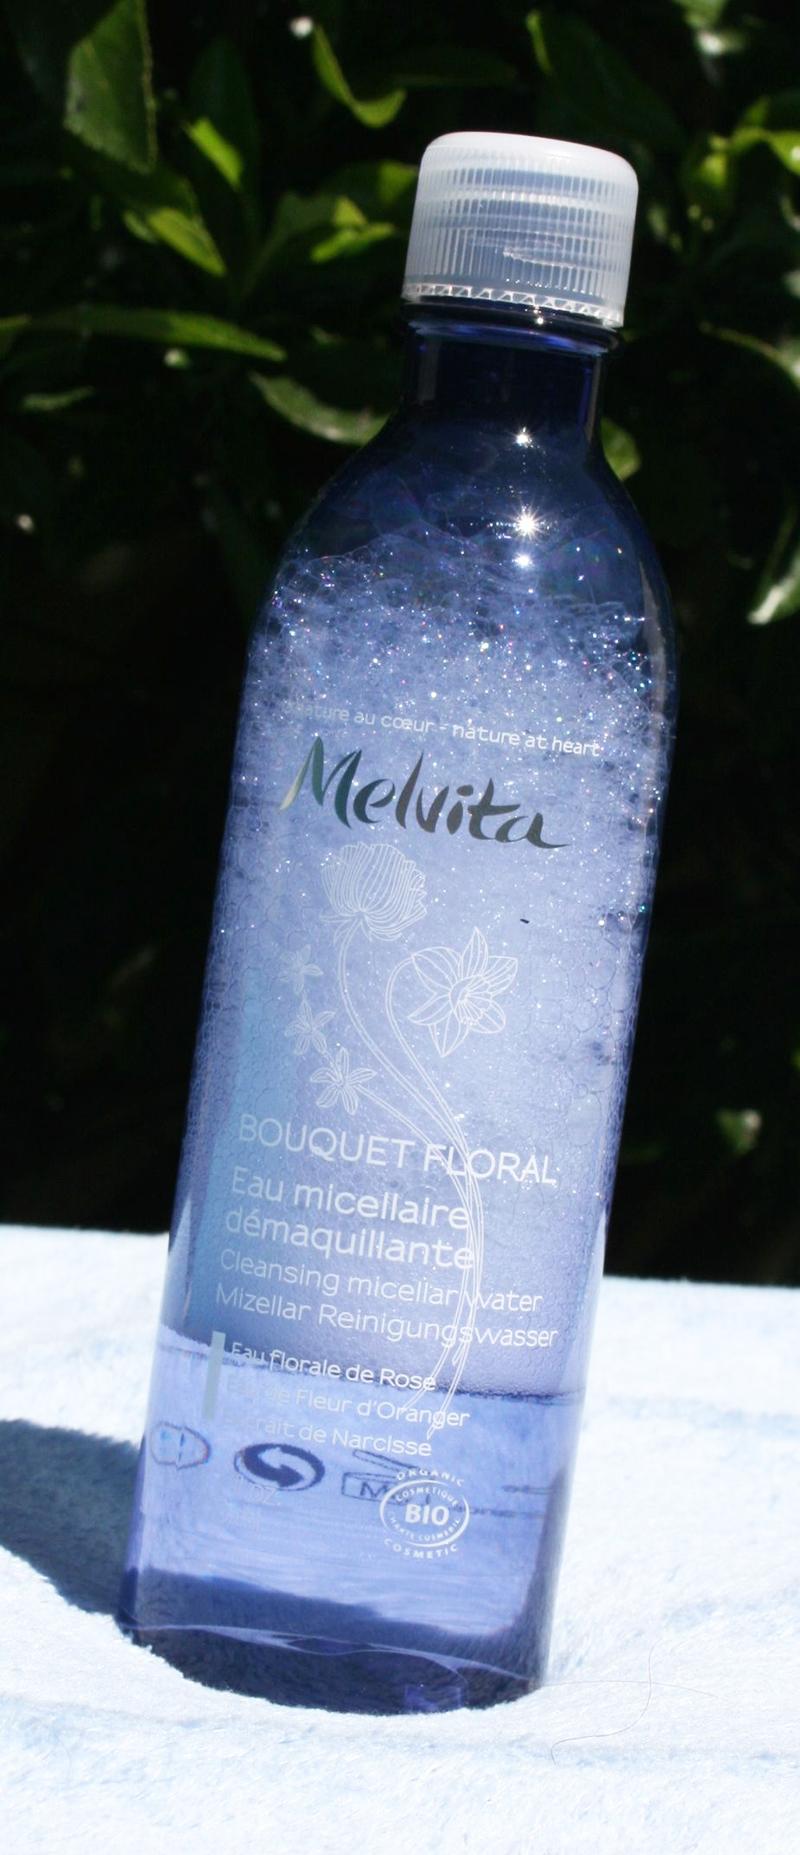 L'eau micellaire Melvita «Bouquet floral» : parfaite pour les peaux délicates